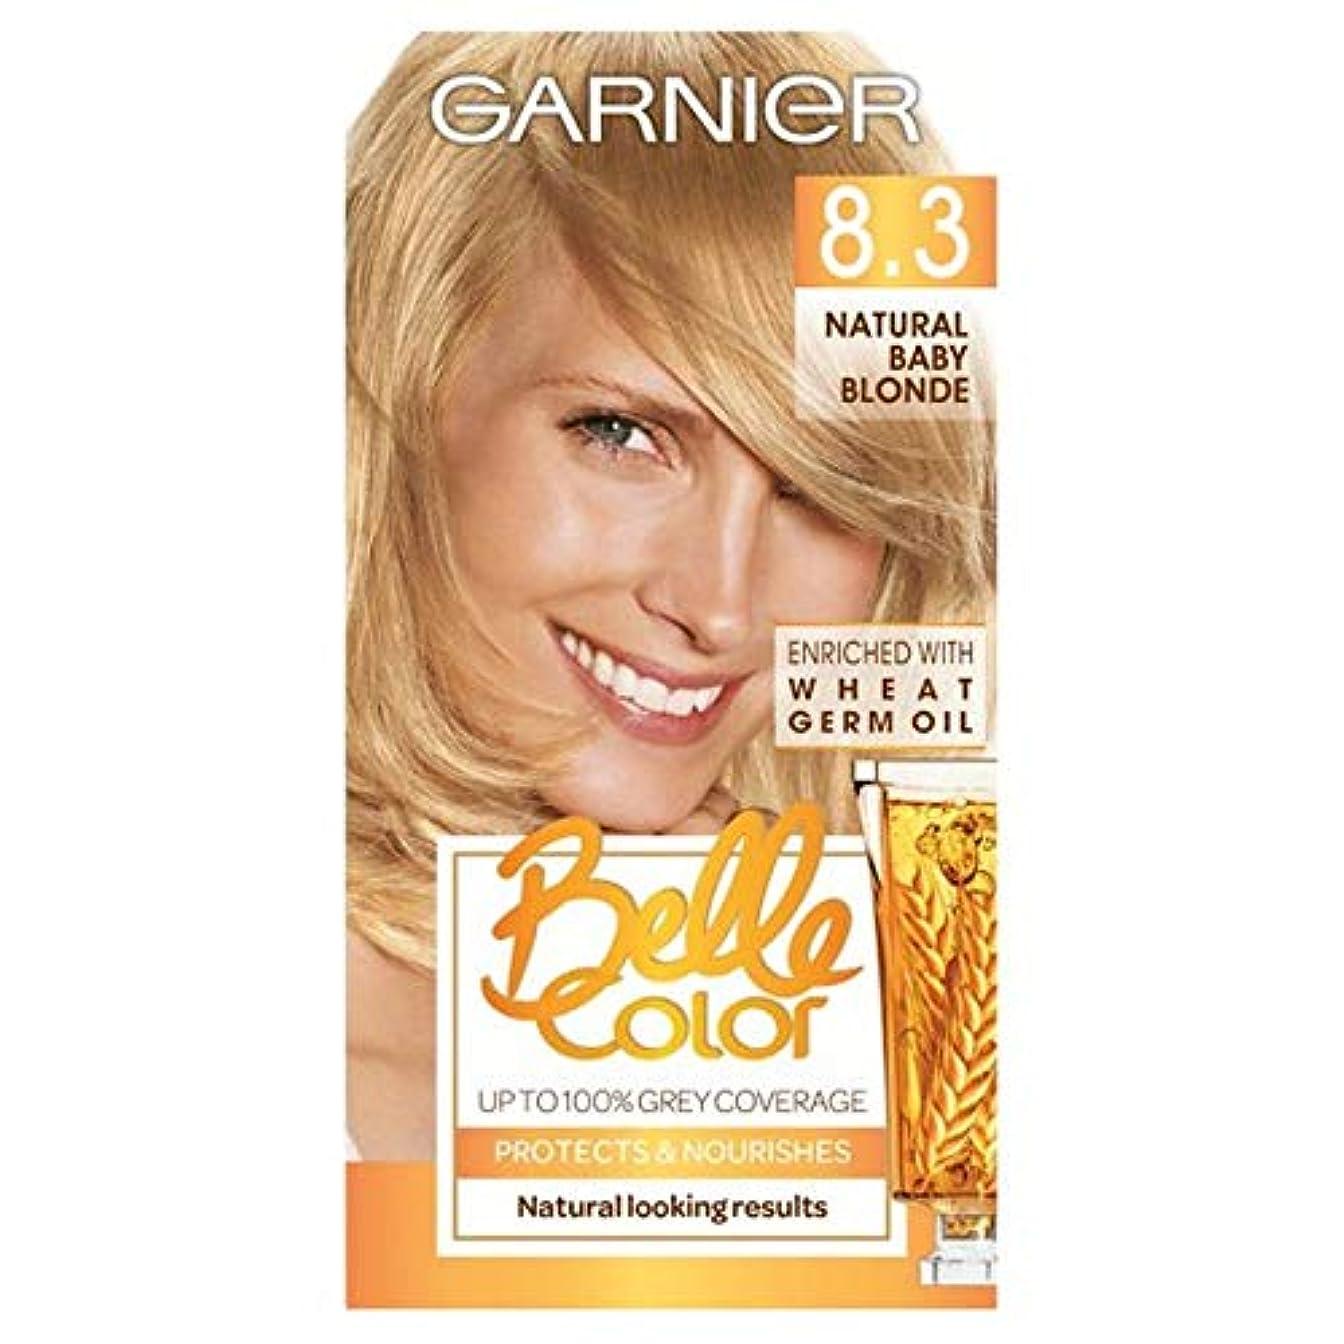 無駄にぼかし製品[Belle Color ] ガーン/ベル/Clr 8.3自然な赤ん坊ブロンドの永久染毛剤 - Garn/Bel/Clr 8.3 Natural Baby Blonde Permanent Hair Dye [並行輸入品]